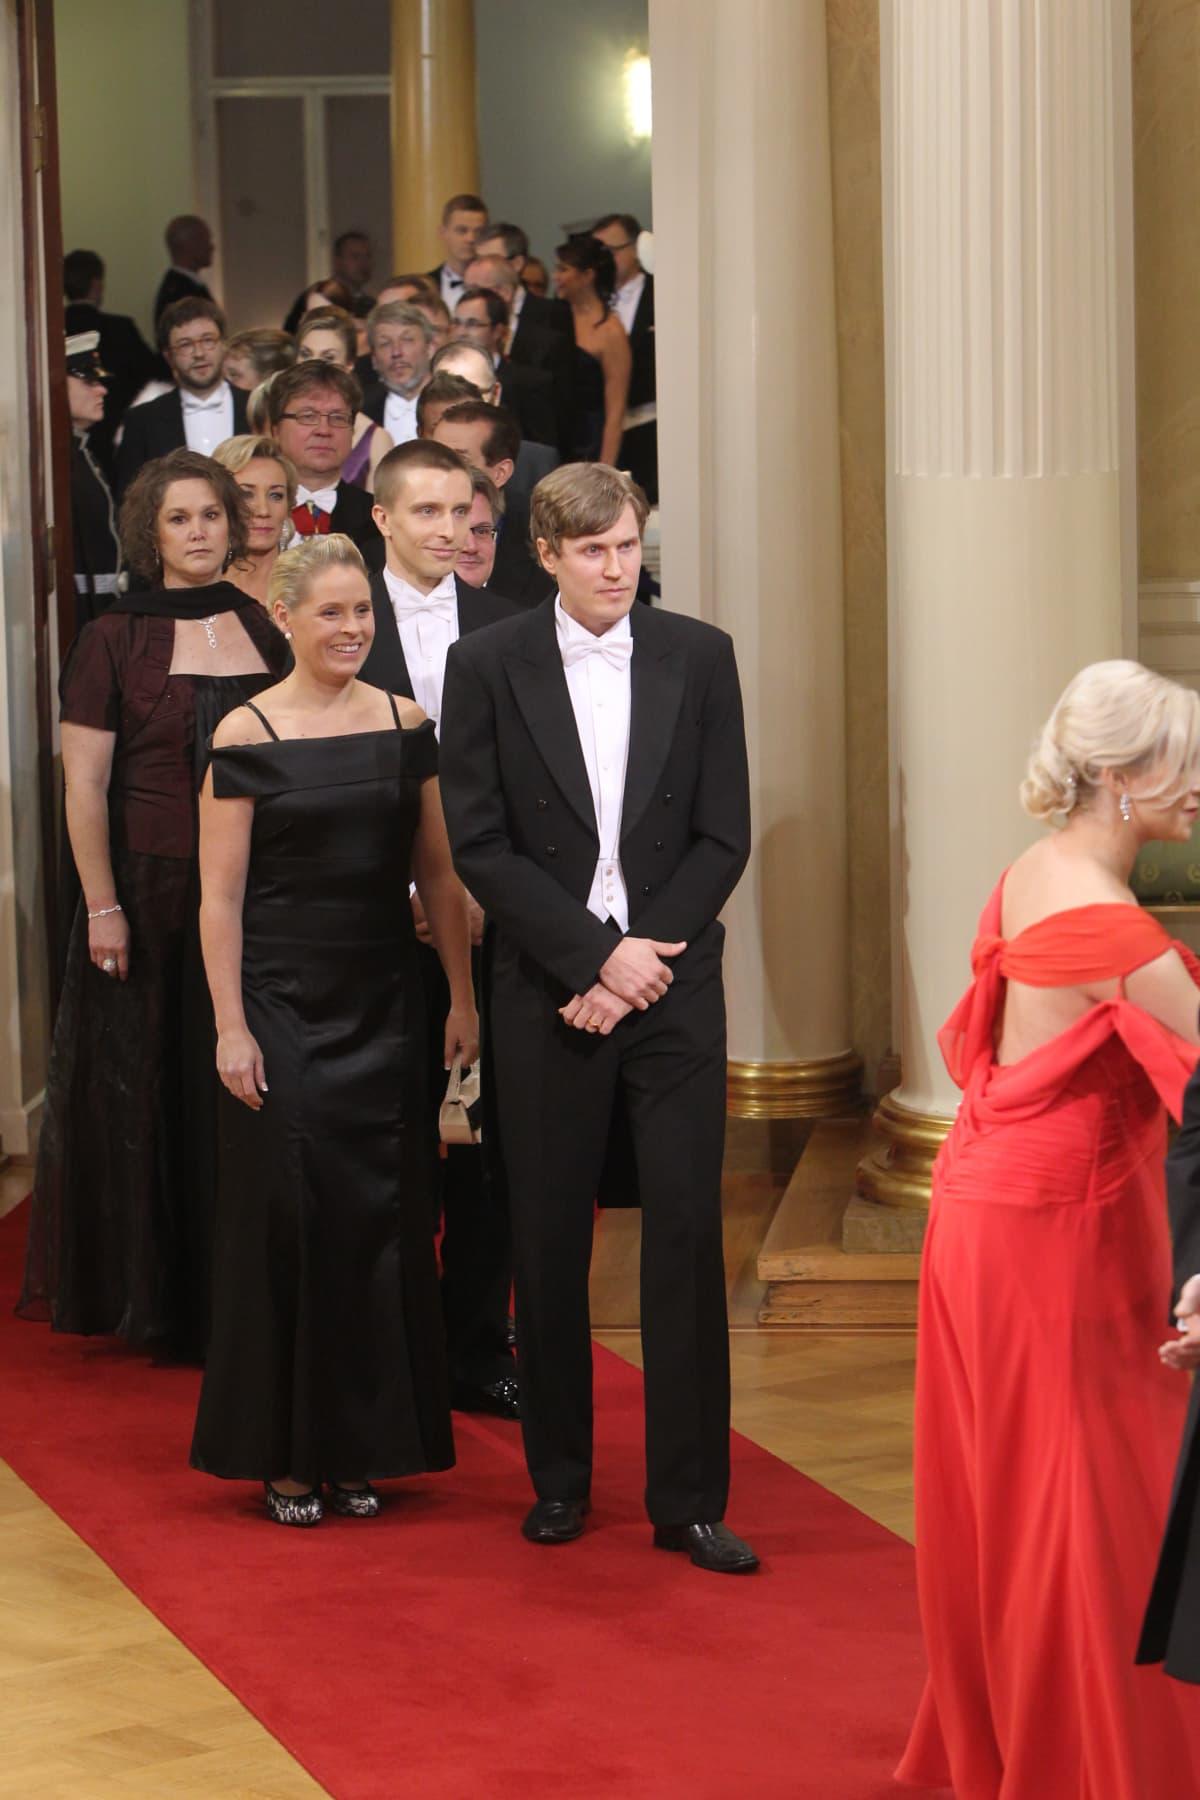 Mika Kohonen Linnan juhlissa 2011.